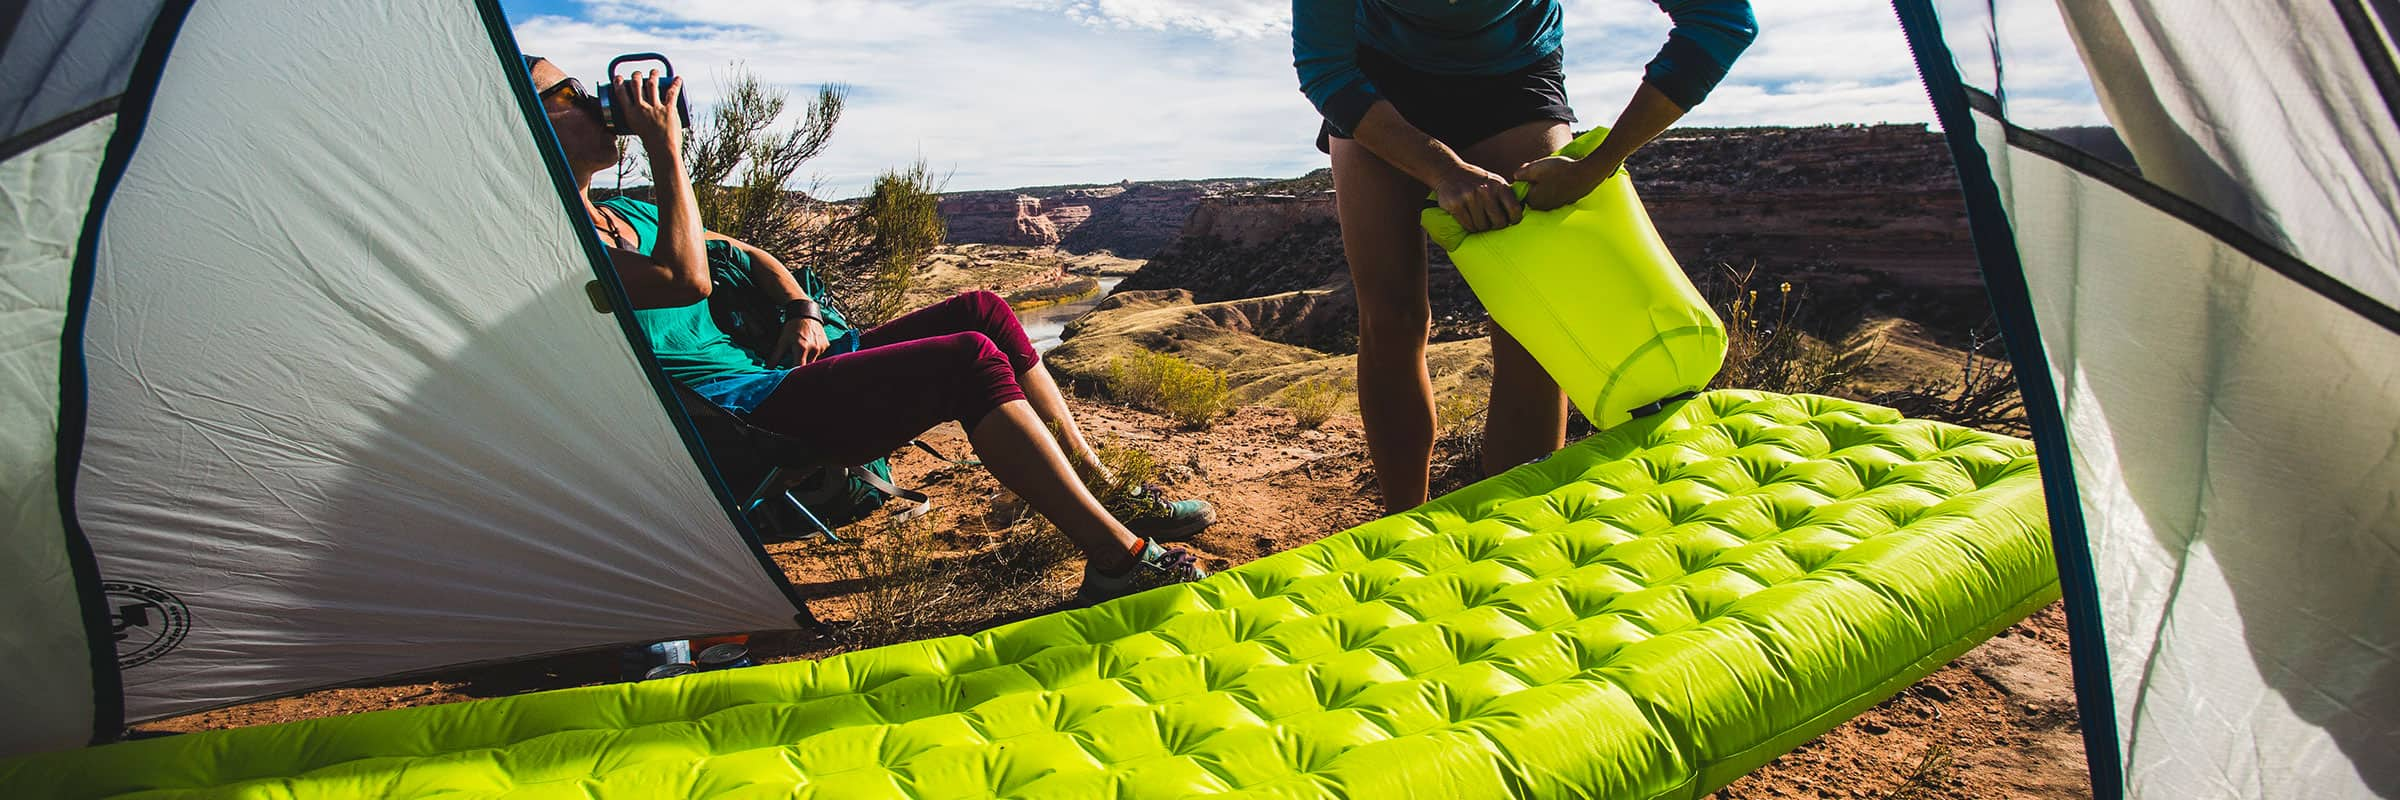 Big Agnes, Camping, Matelas, NEMO Equipment, Therm-a-Rest. Les meilleurs matelas de sol pour une sortie de camping réussie